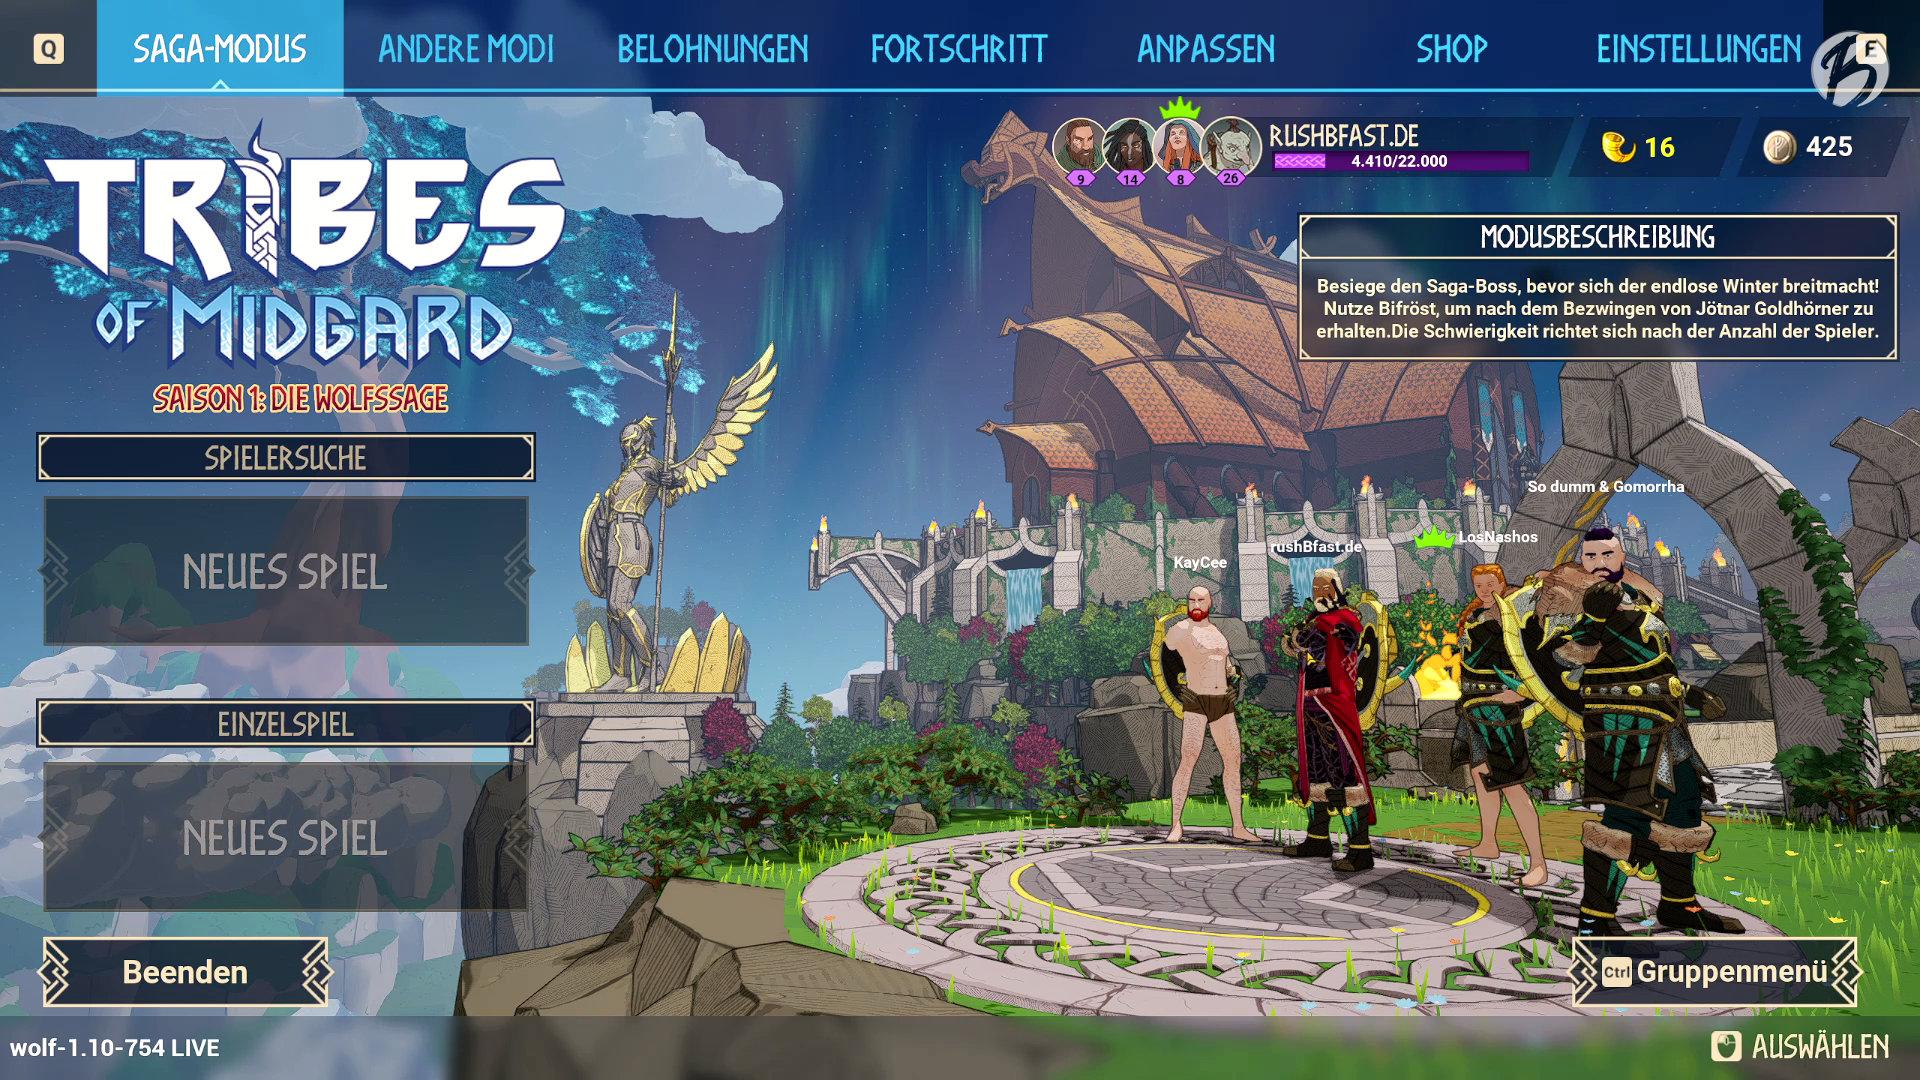 Tribes of Midgard - Die Online-Lobby ist zugleich das Spielmenü.